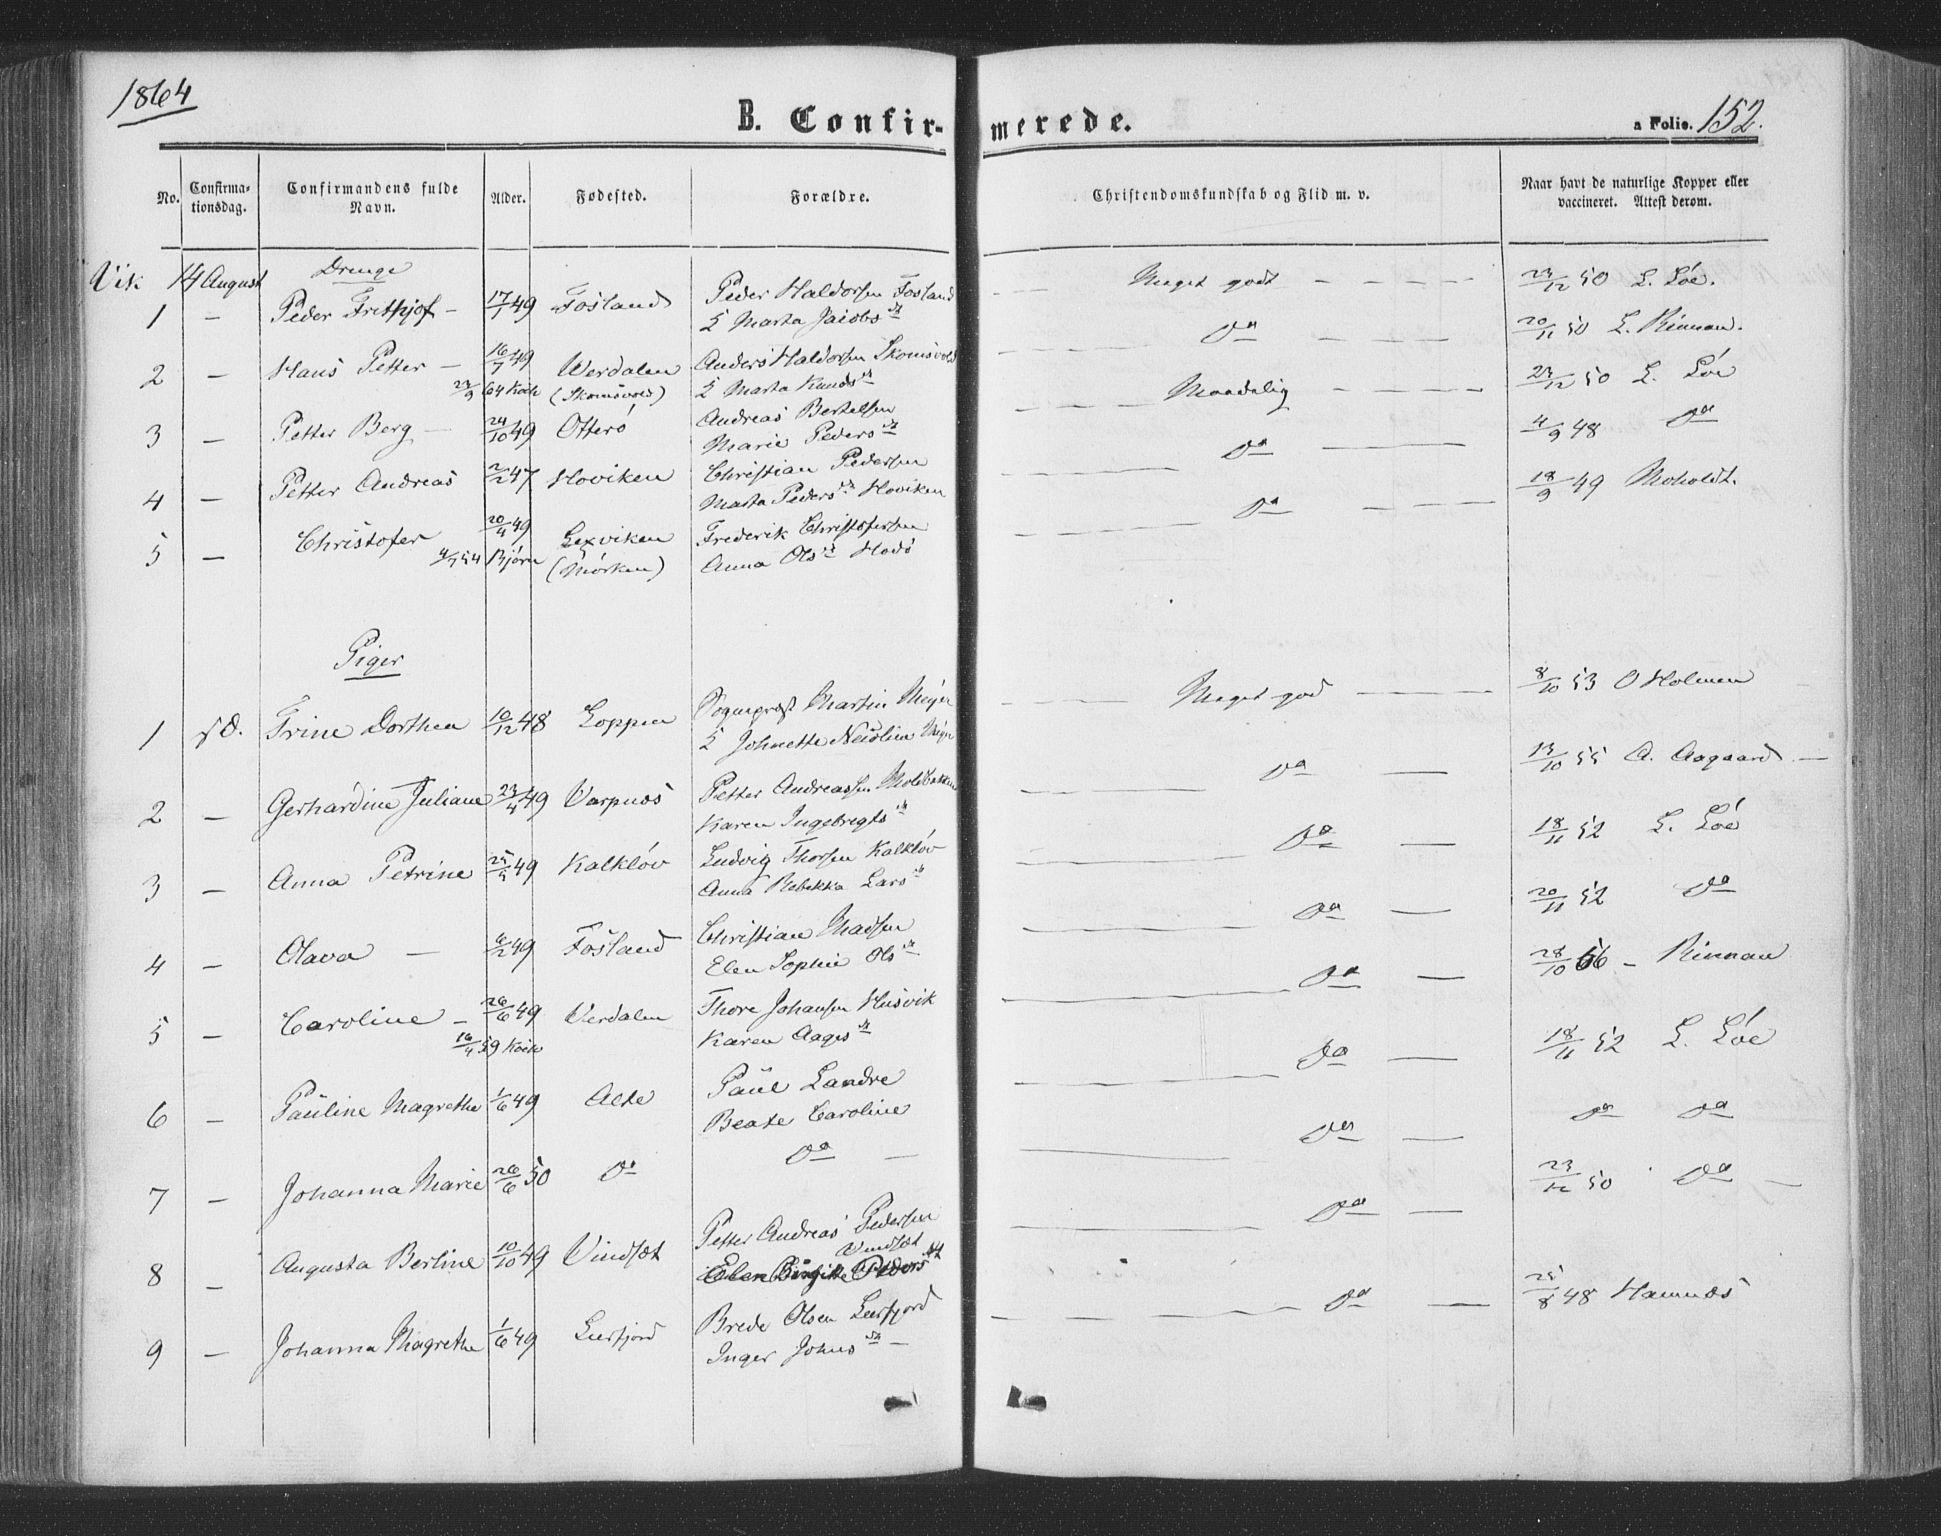 SAT, Ministerialprotokoller, klokkerbøker og fødselsregistre - Nord-Trøndelag, 773/L0615: Ministerialbok nr. 773A06, 1857-1870, s. 152